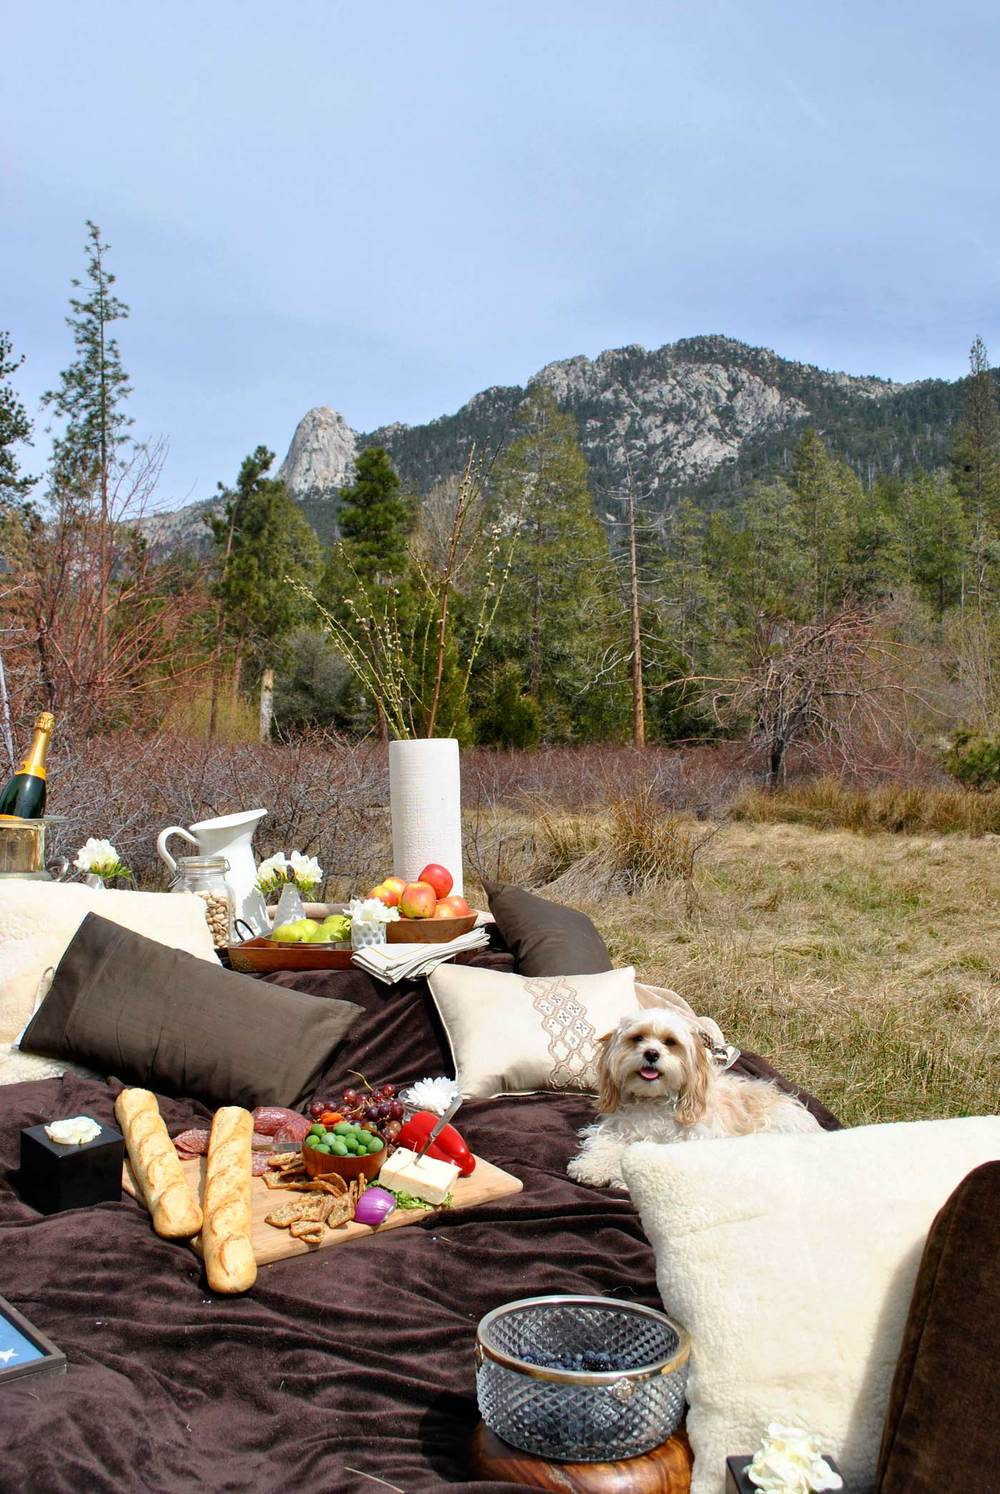 picnicfrolics.jpg